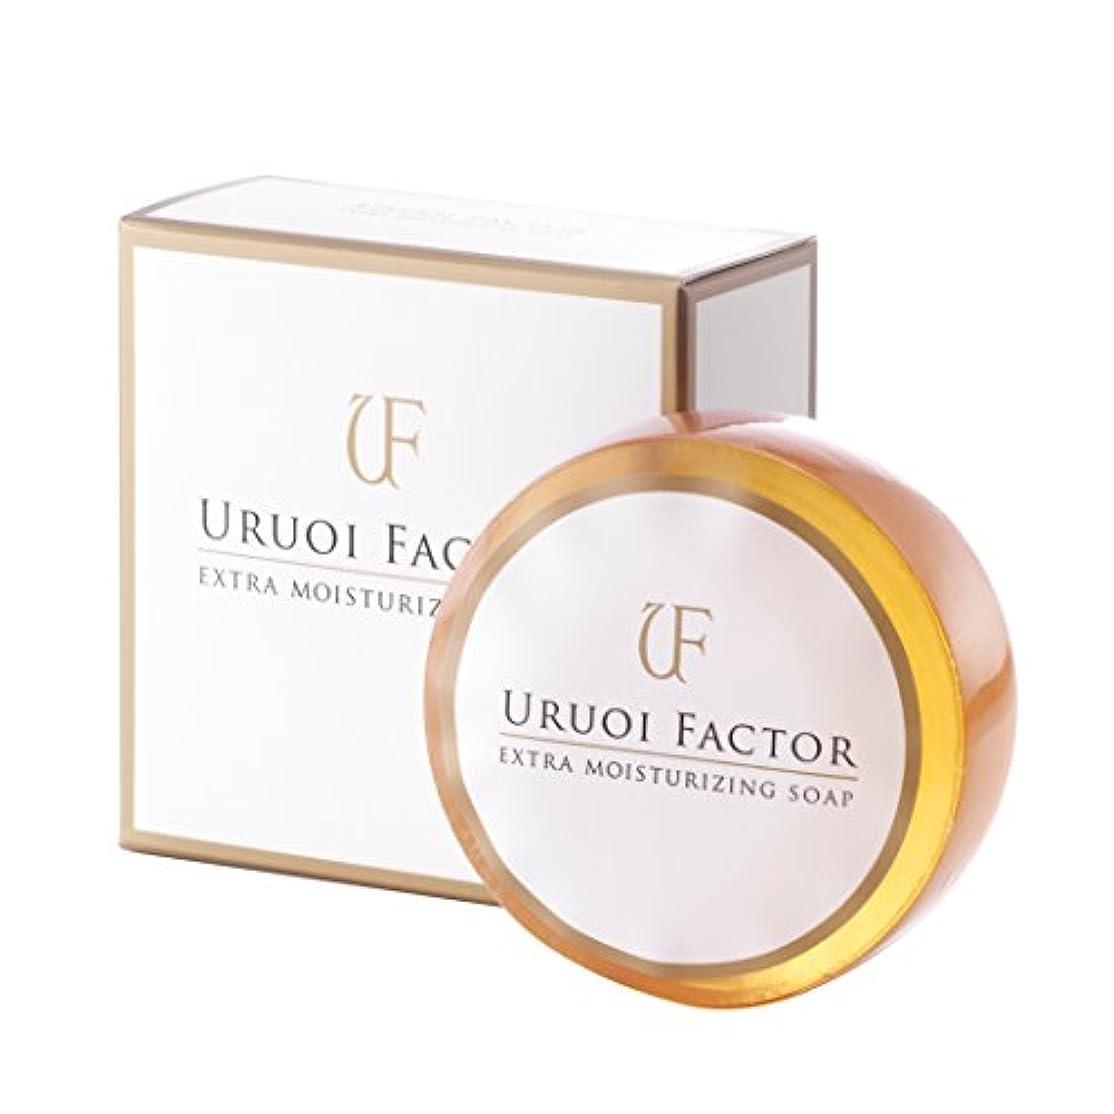 神経インタフェーストチの実の木URUOI FACTOR(うるおいファクター) UFソープ フルボ酸 スクワラン配合 無添加洗顔石鹸(弱アルカリ性) 100g